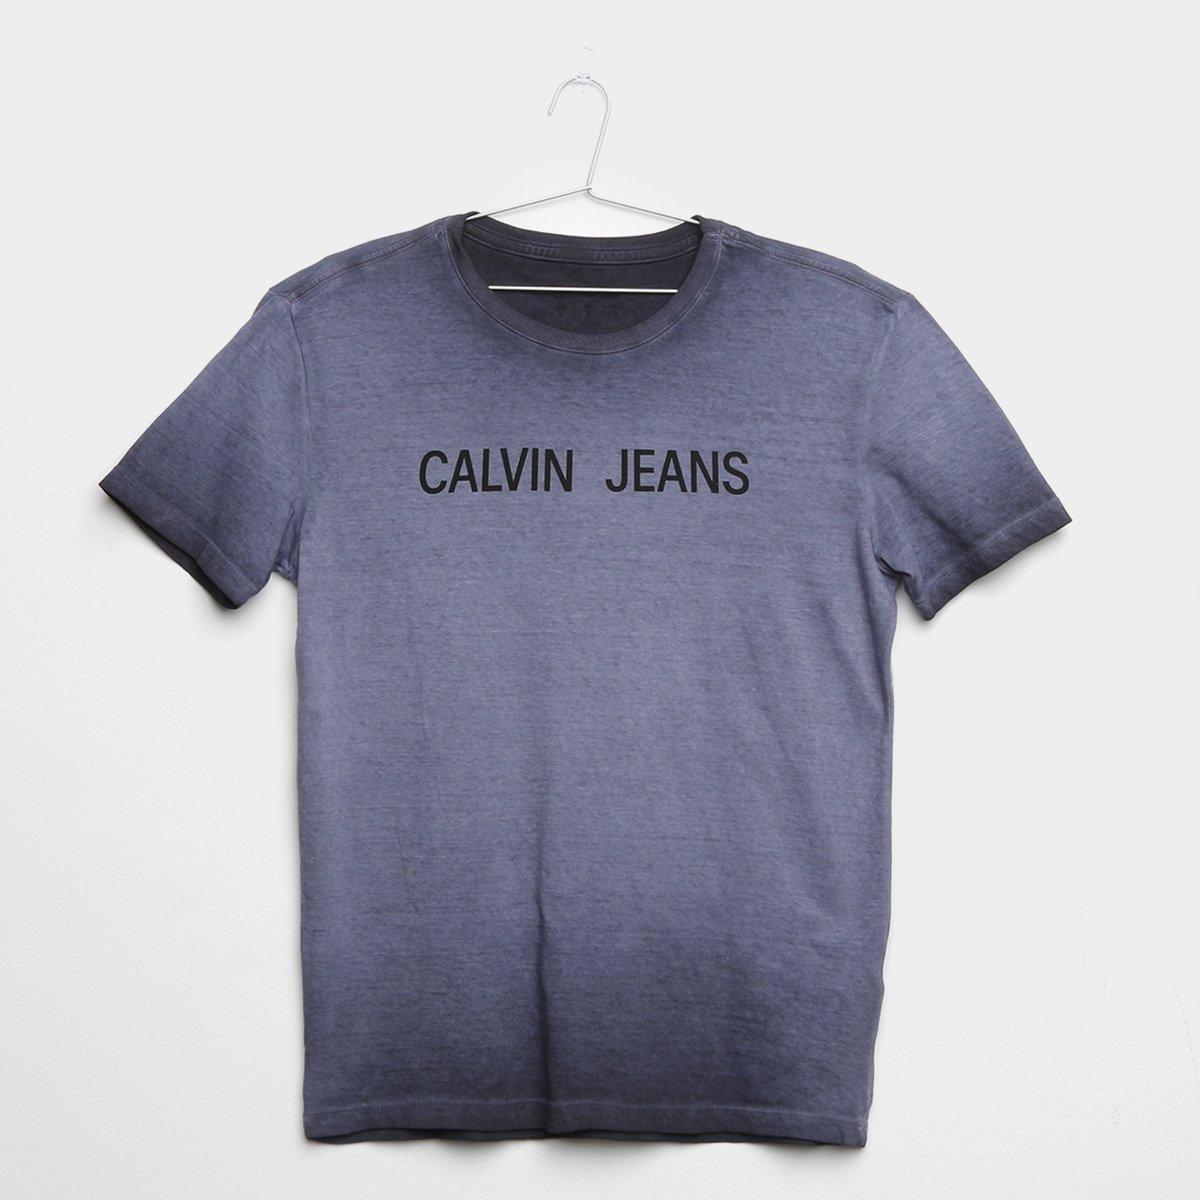 e3334568c Camiseta Infantil Calvin Klein Degradê Logo Masculina - Cinza - Compre Agora